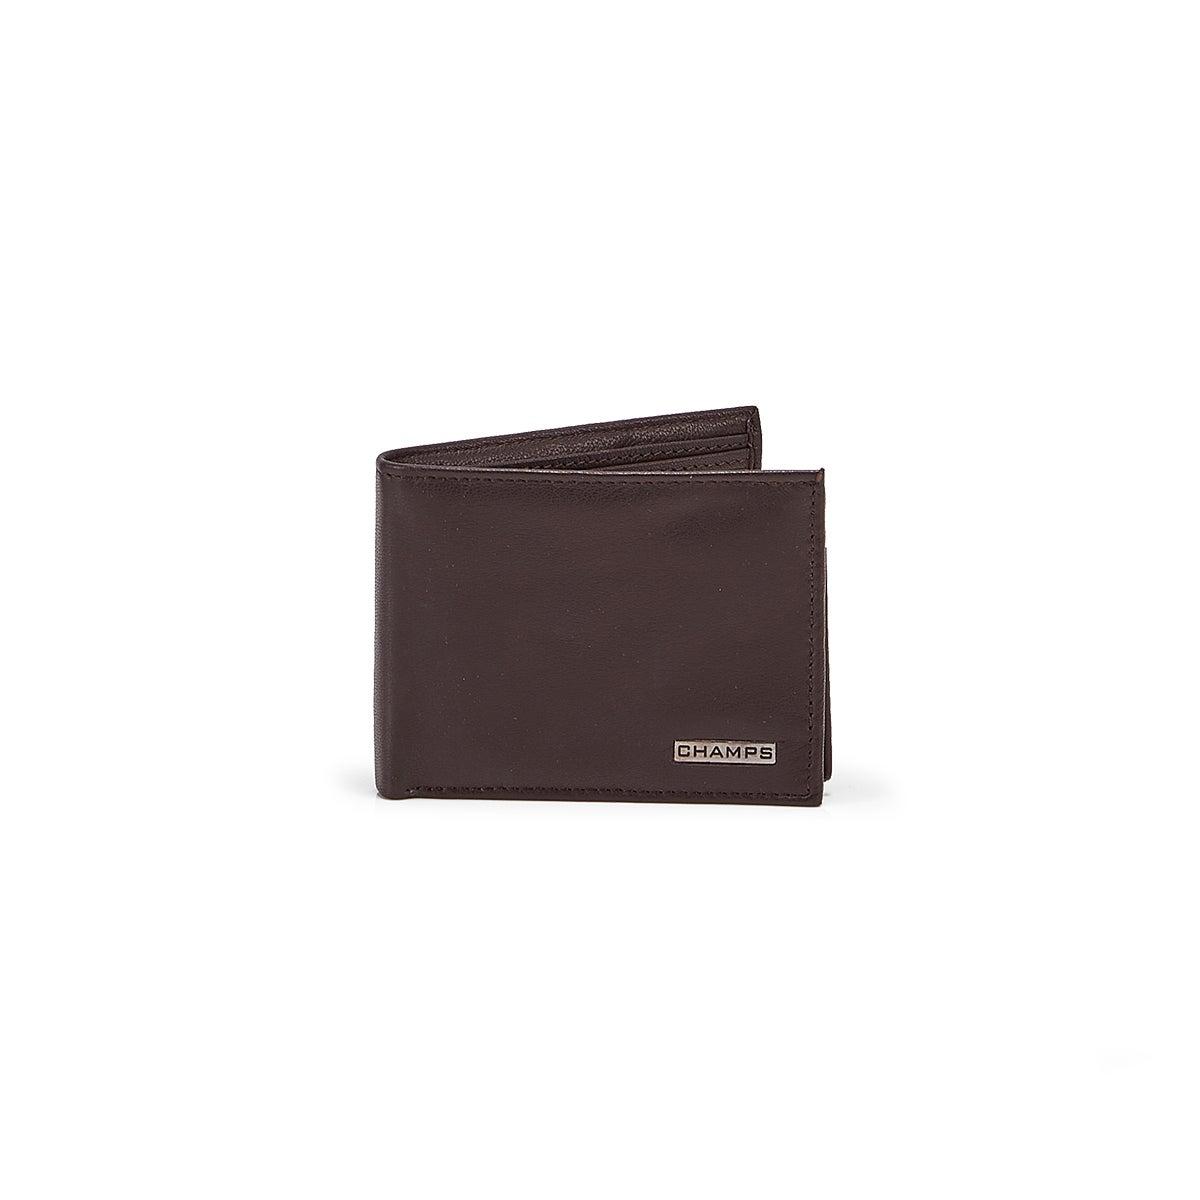 Men's MW-805-BRN cowhide leather wallets